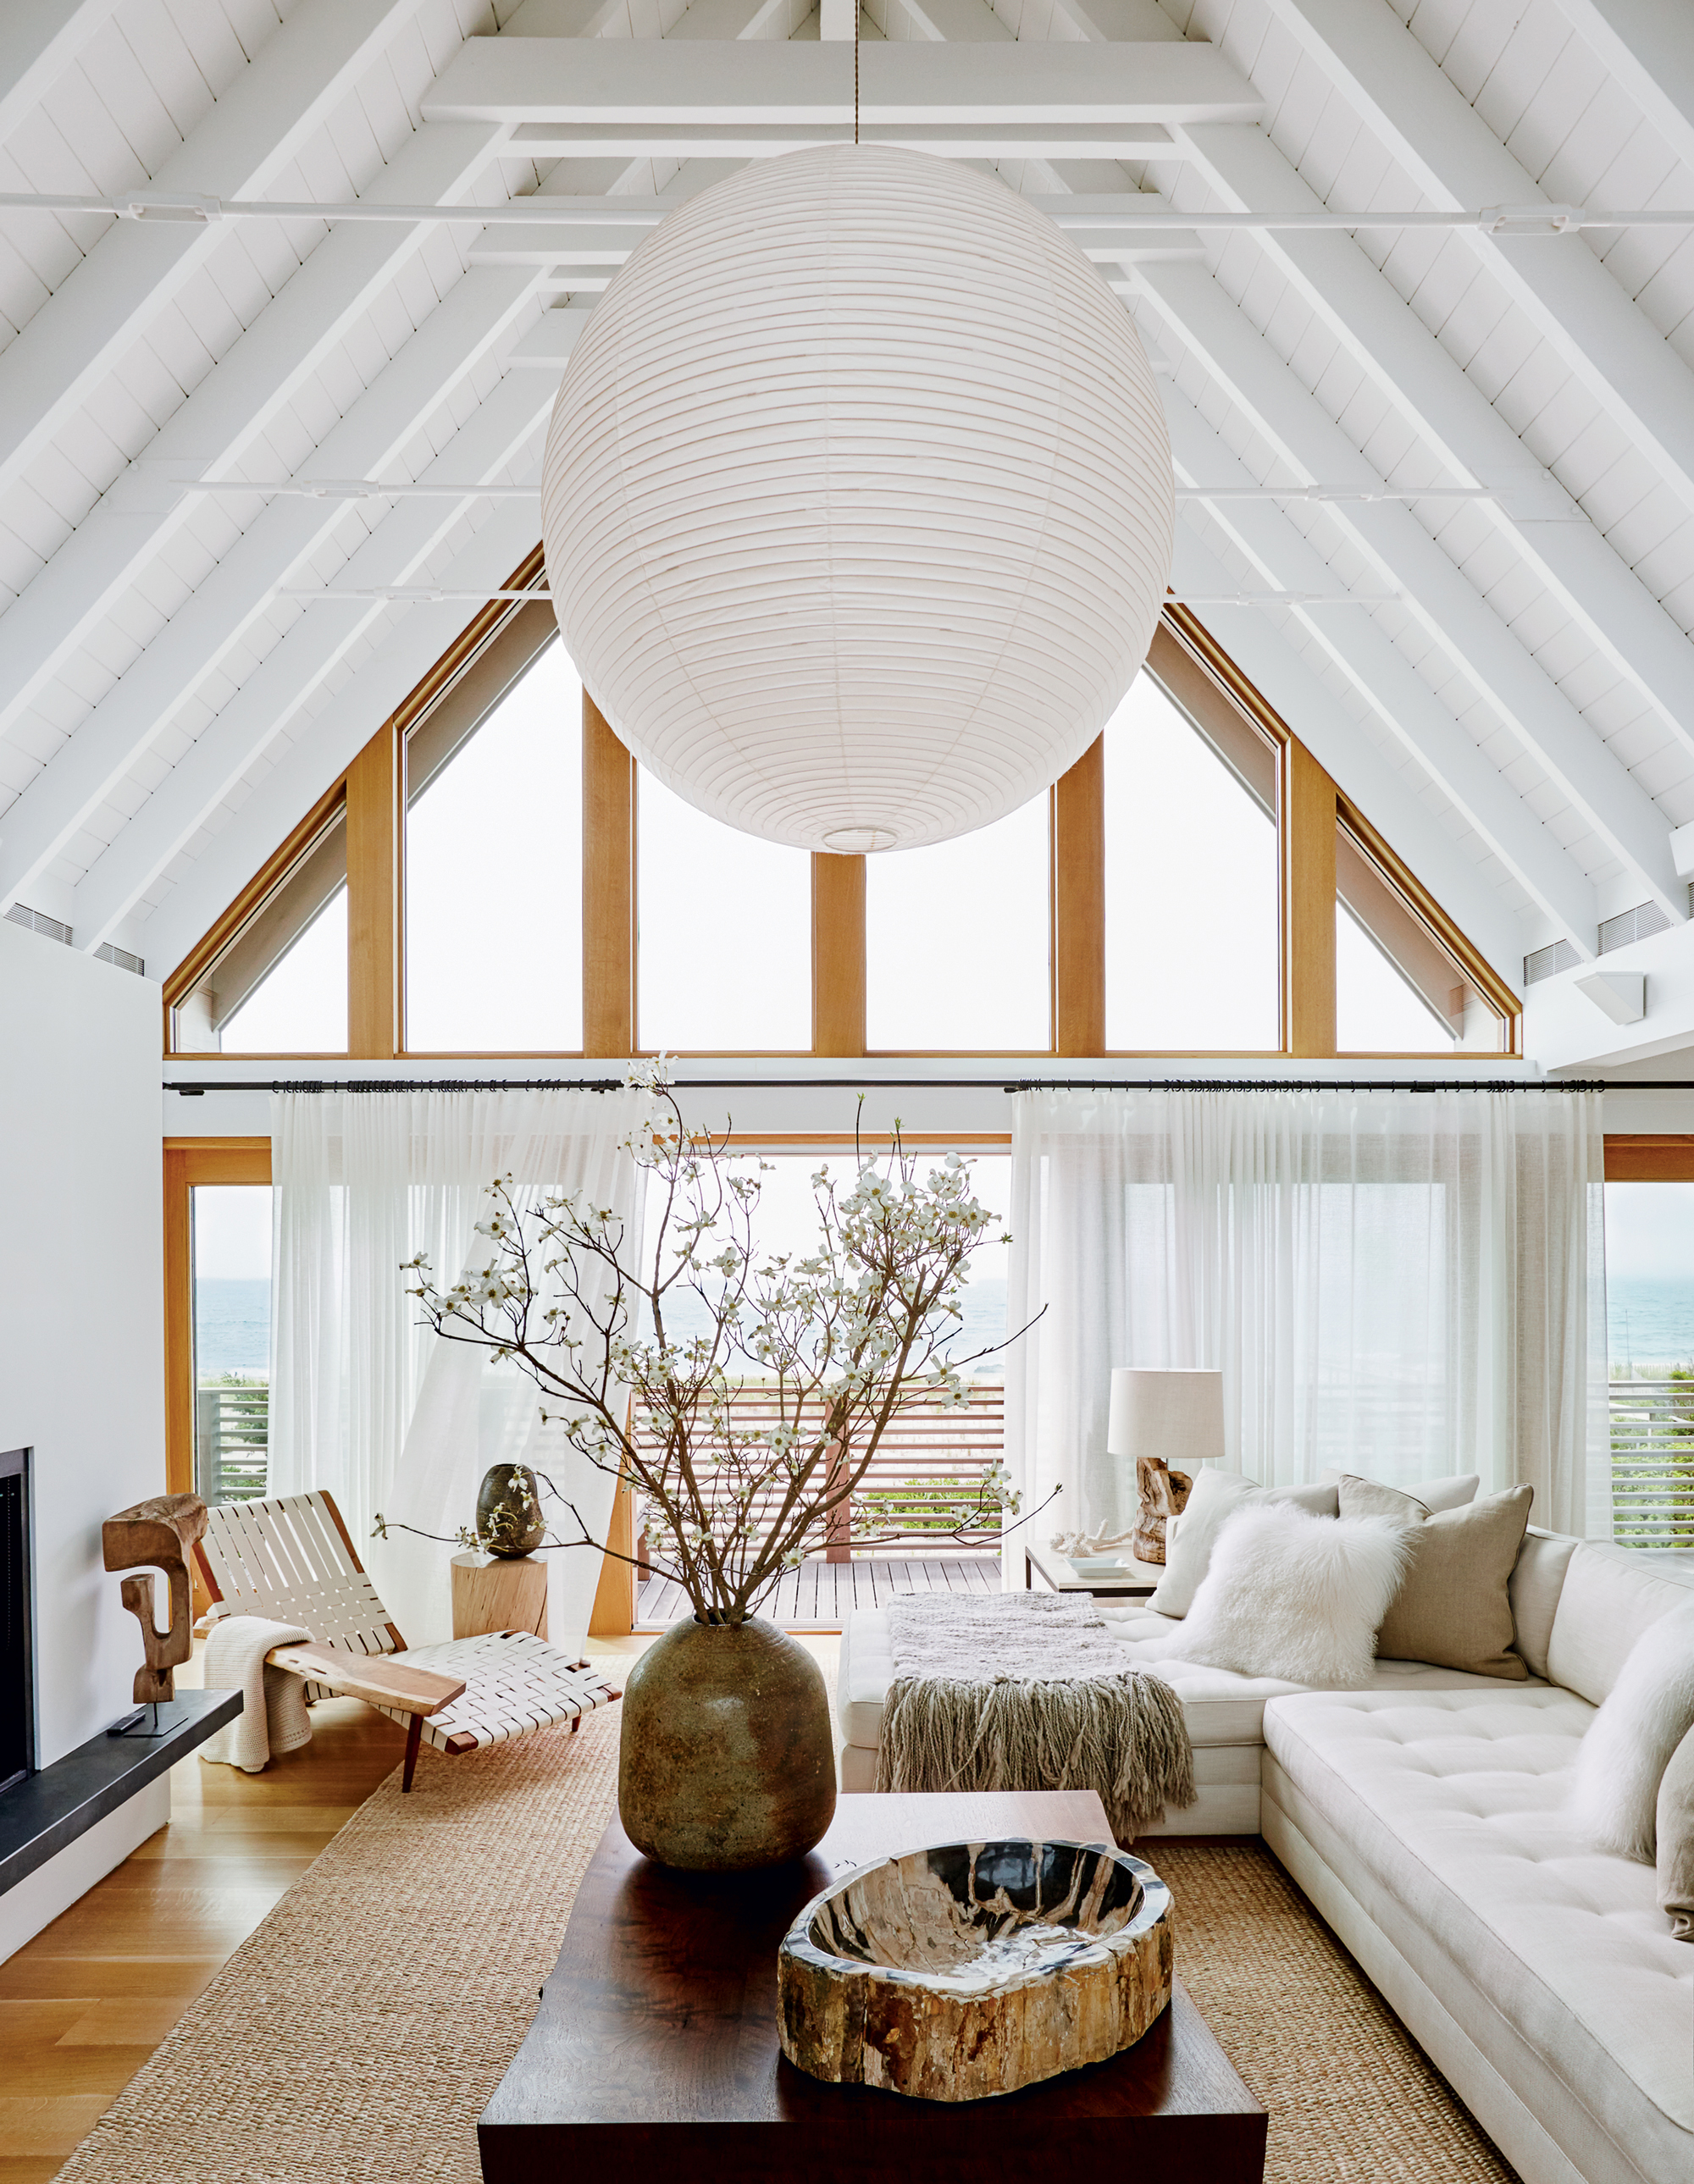 7 sofas for a dreamy living room - Daily Dream Decor